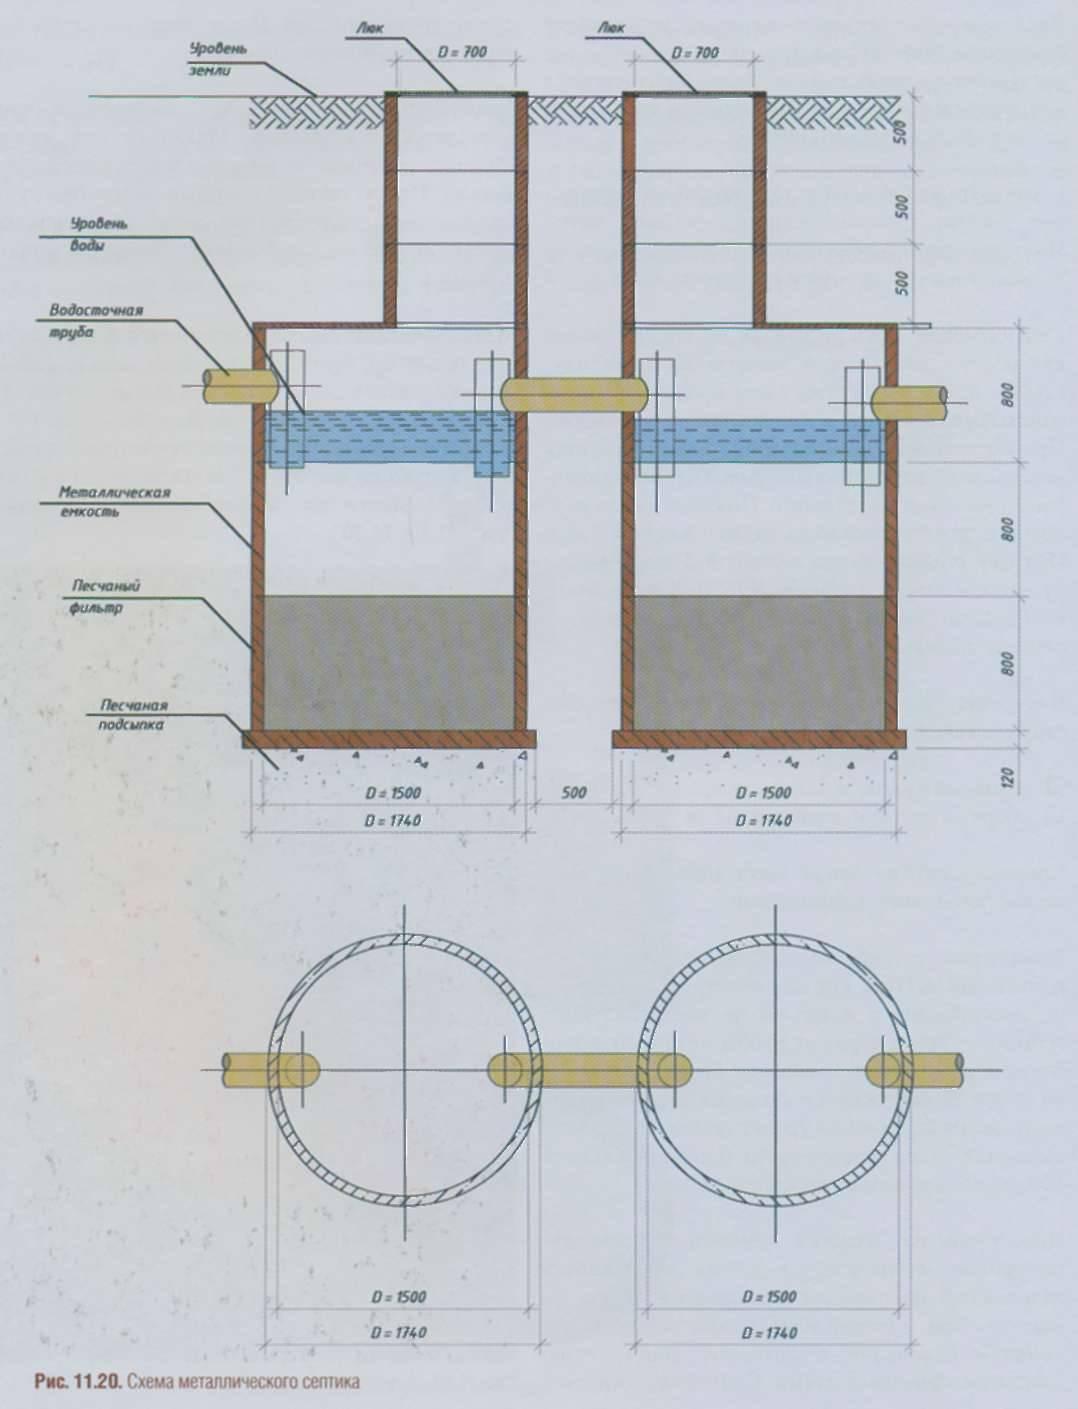 Септик из бетонных колец своими руками: инструкция по установке, схемы и расчеты, видео и фото